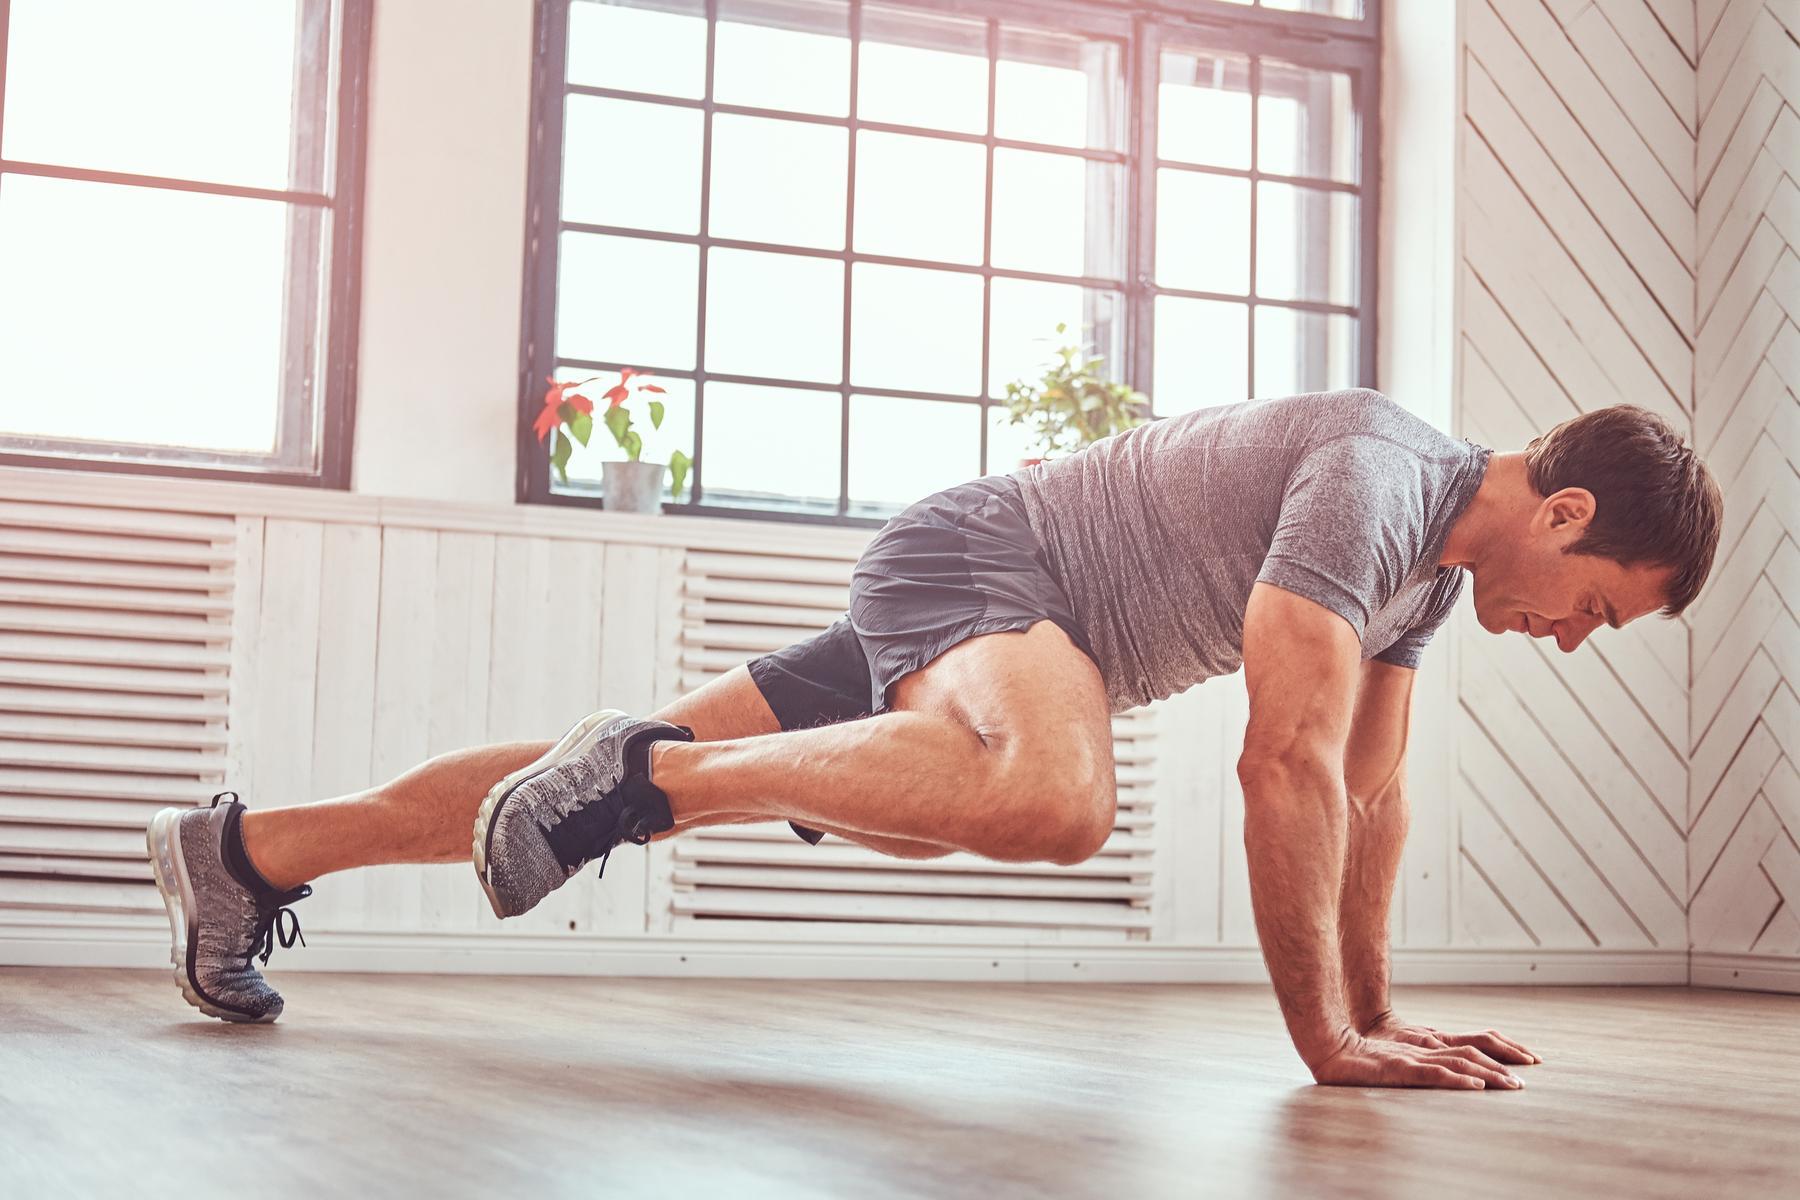 Můžete budovat svaly, když cvičíte jen svlastní vahou?